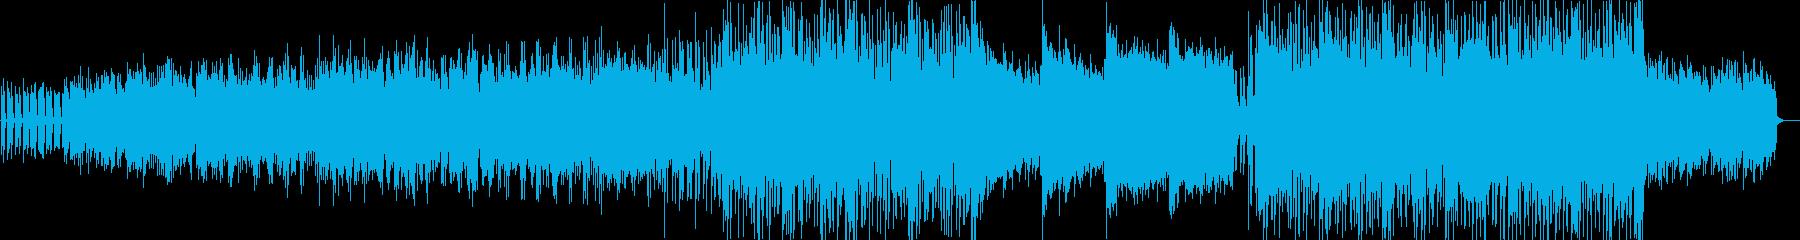 民謡的なニュースタイルレゲエの再生済みの波形